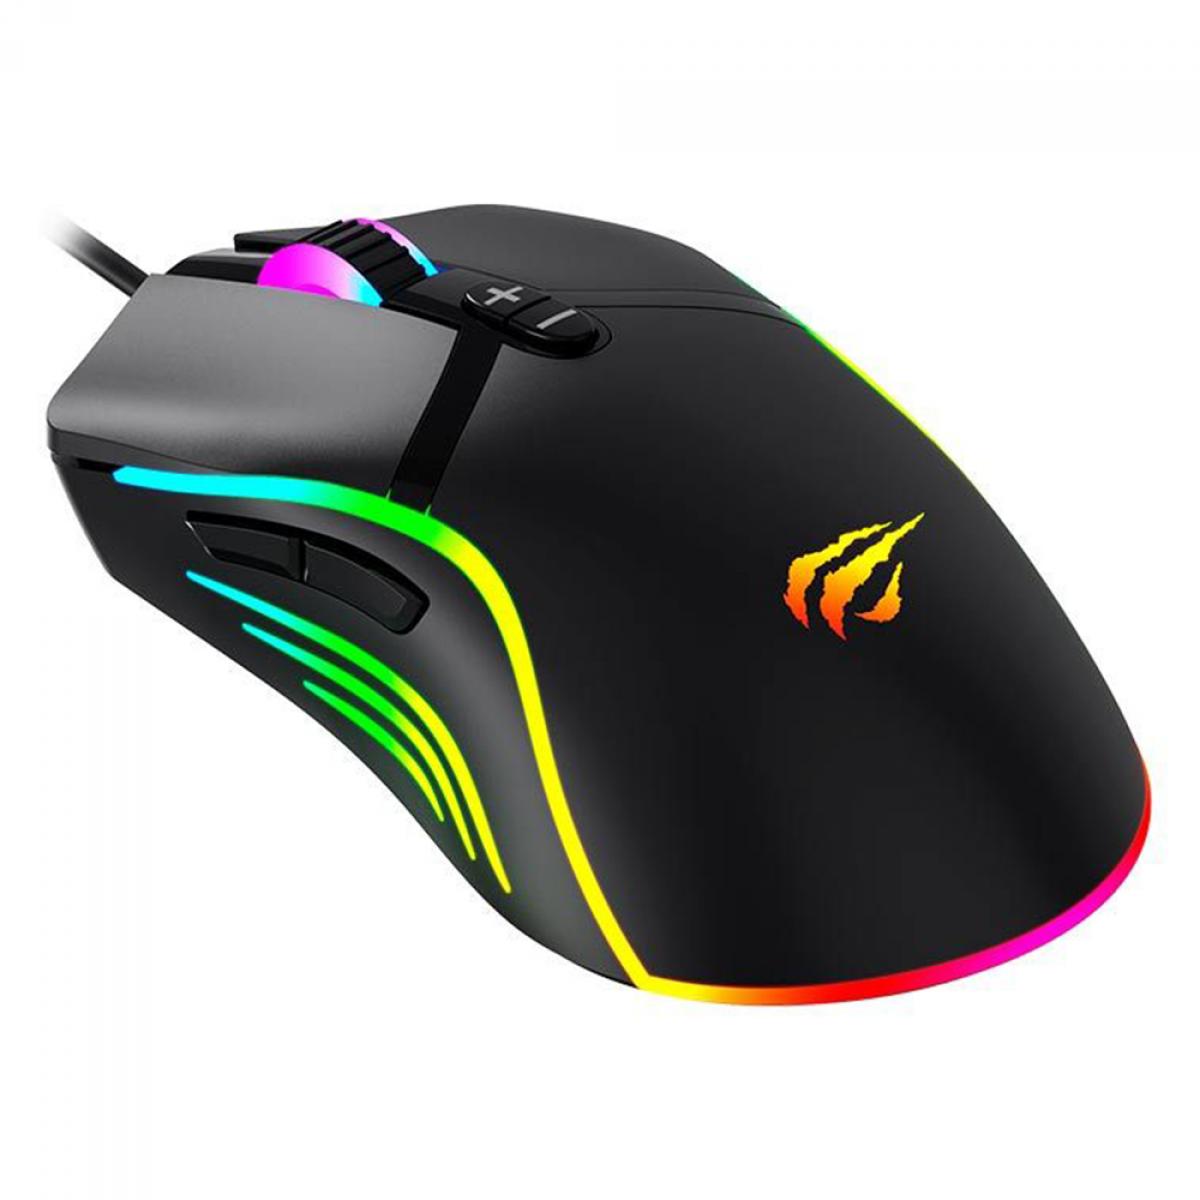 Mouse Gamer Havit MS1026, 6400 DPI, 7 botões, RGB, Black, HV-MS1026